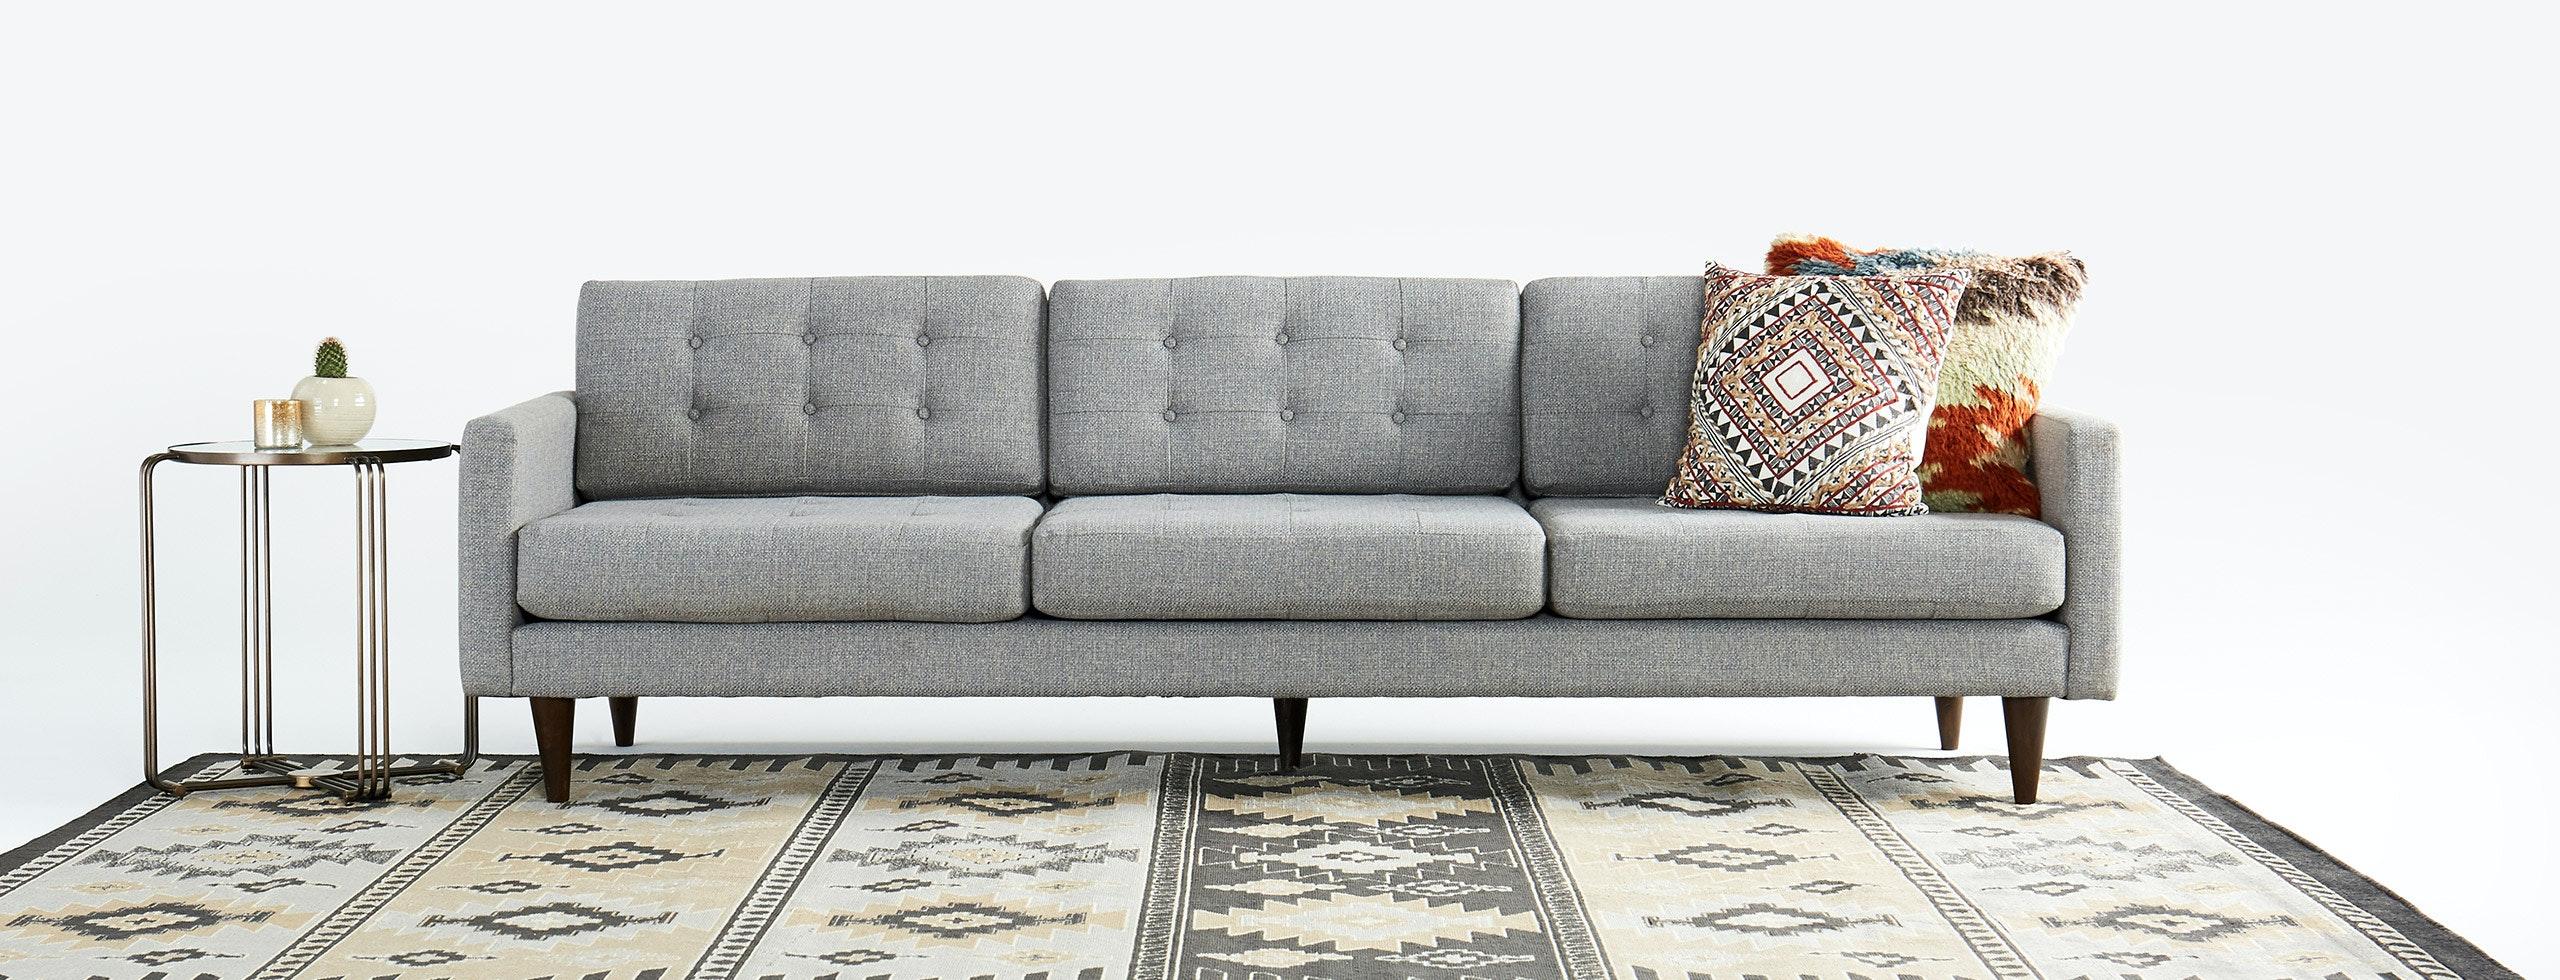 grand sofa cama mexico mercado libre eliot joybird